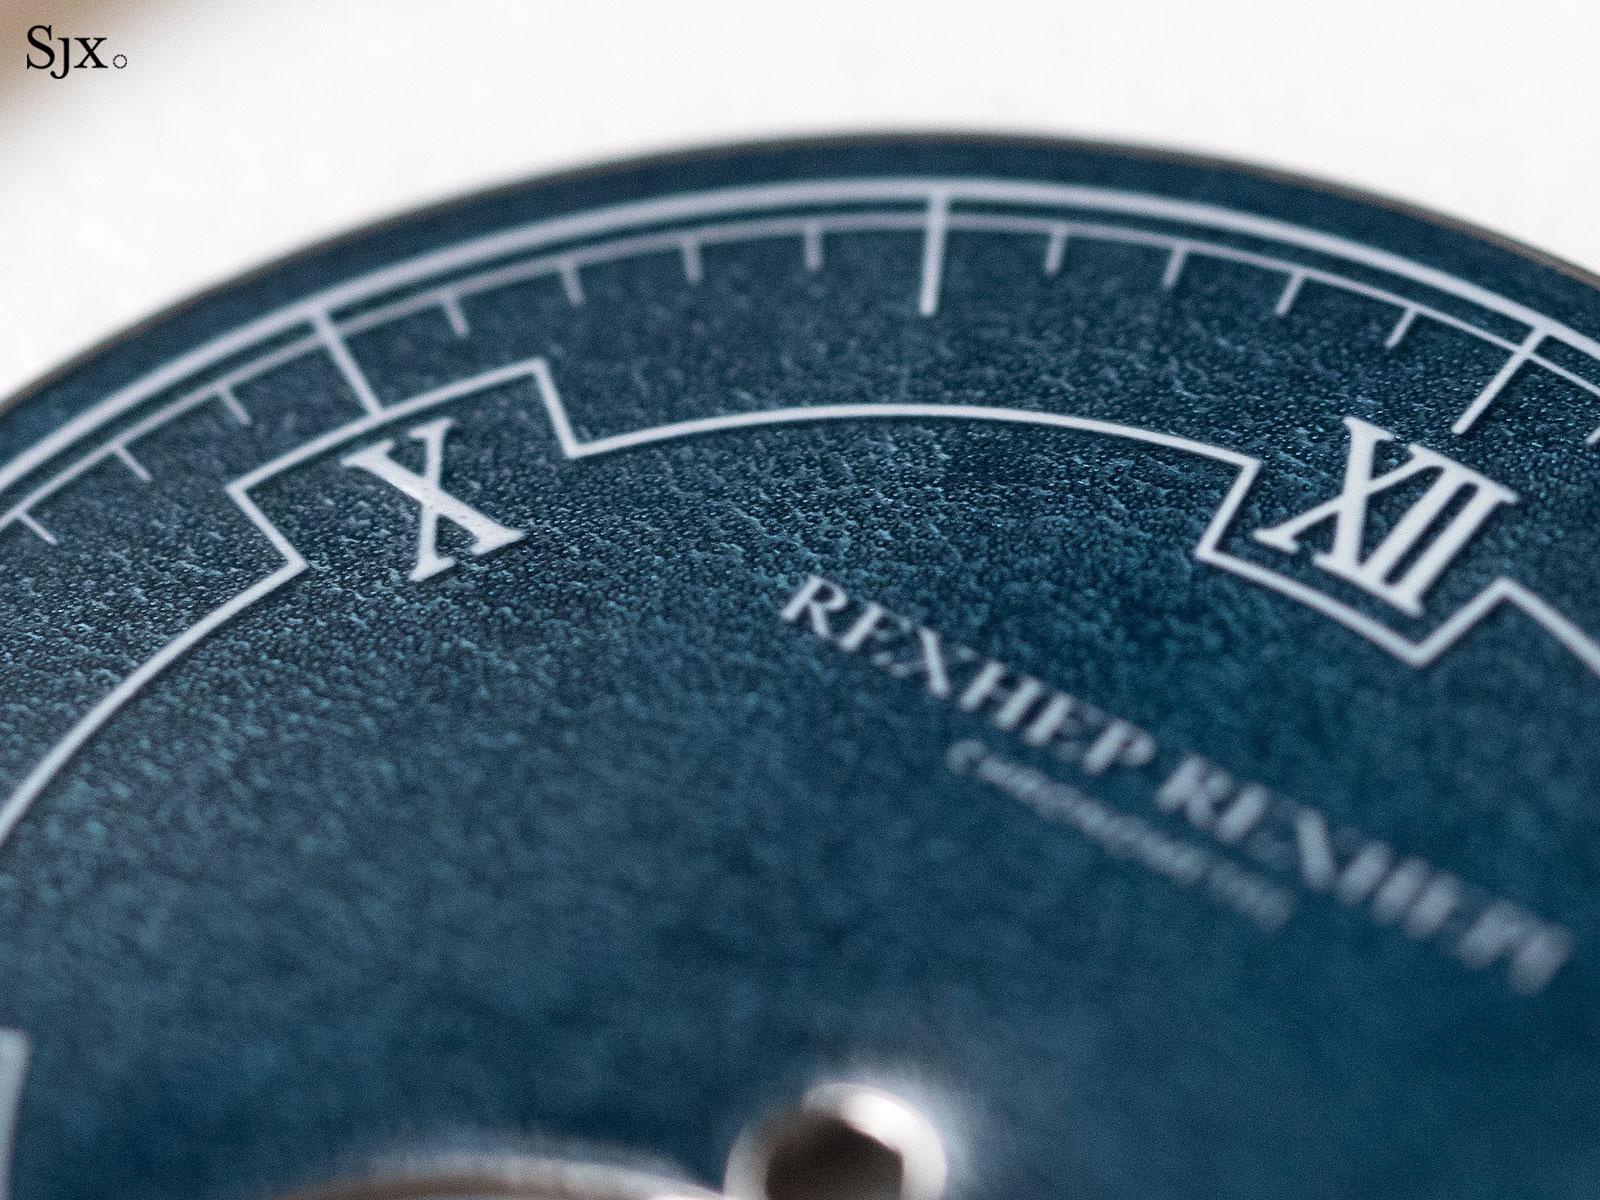 akrivia RRCC only watch 2019 enamel dial 1